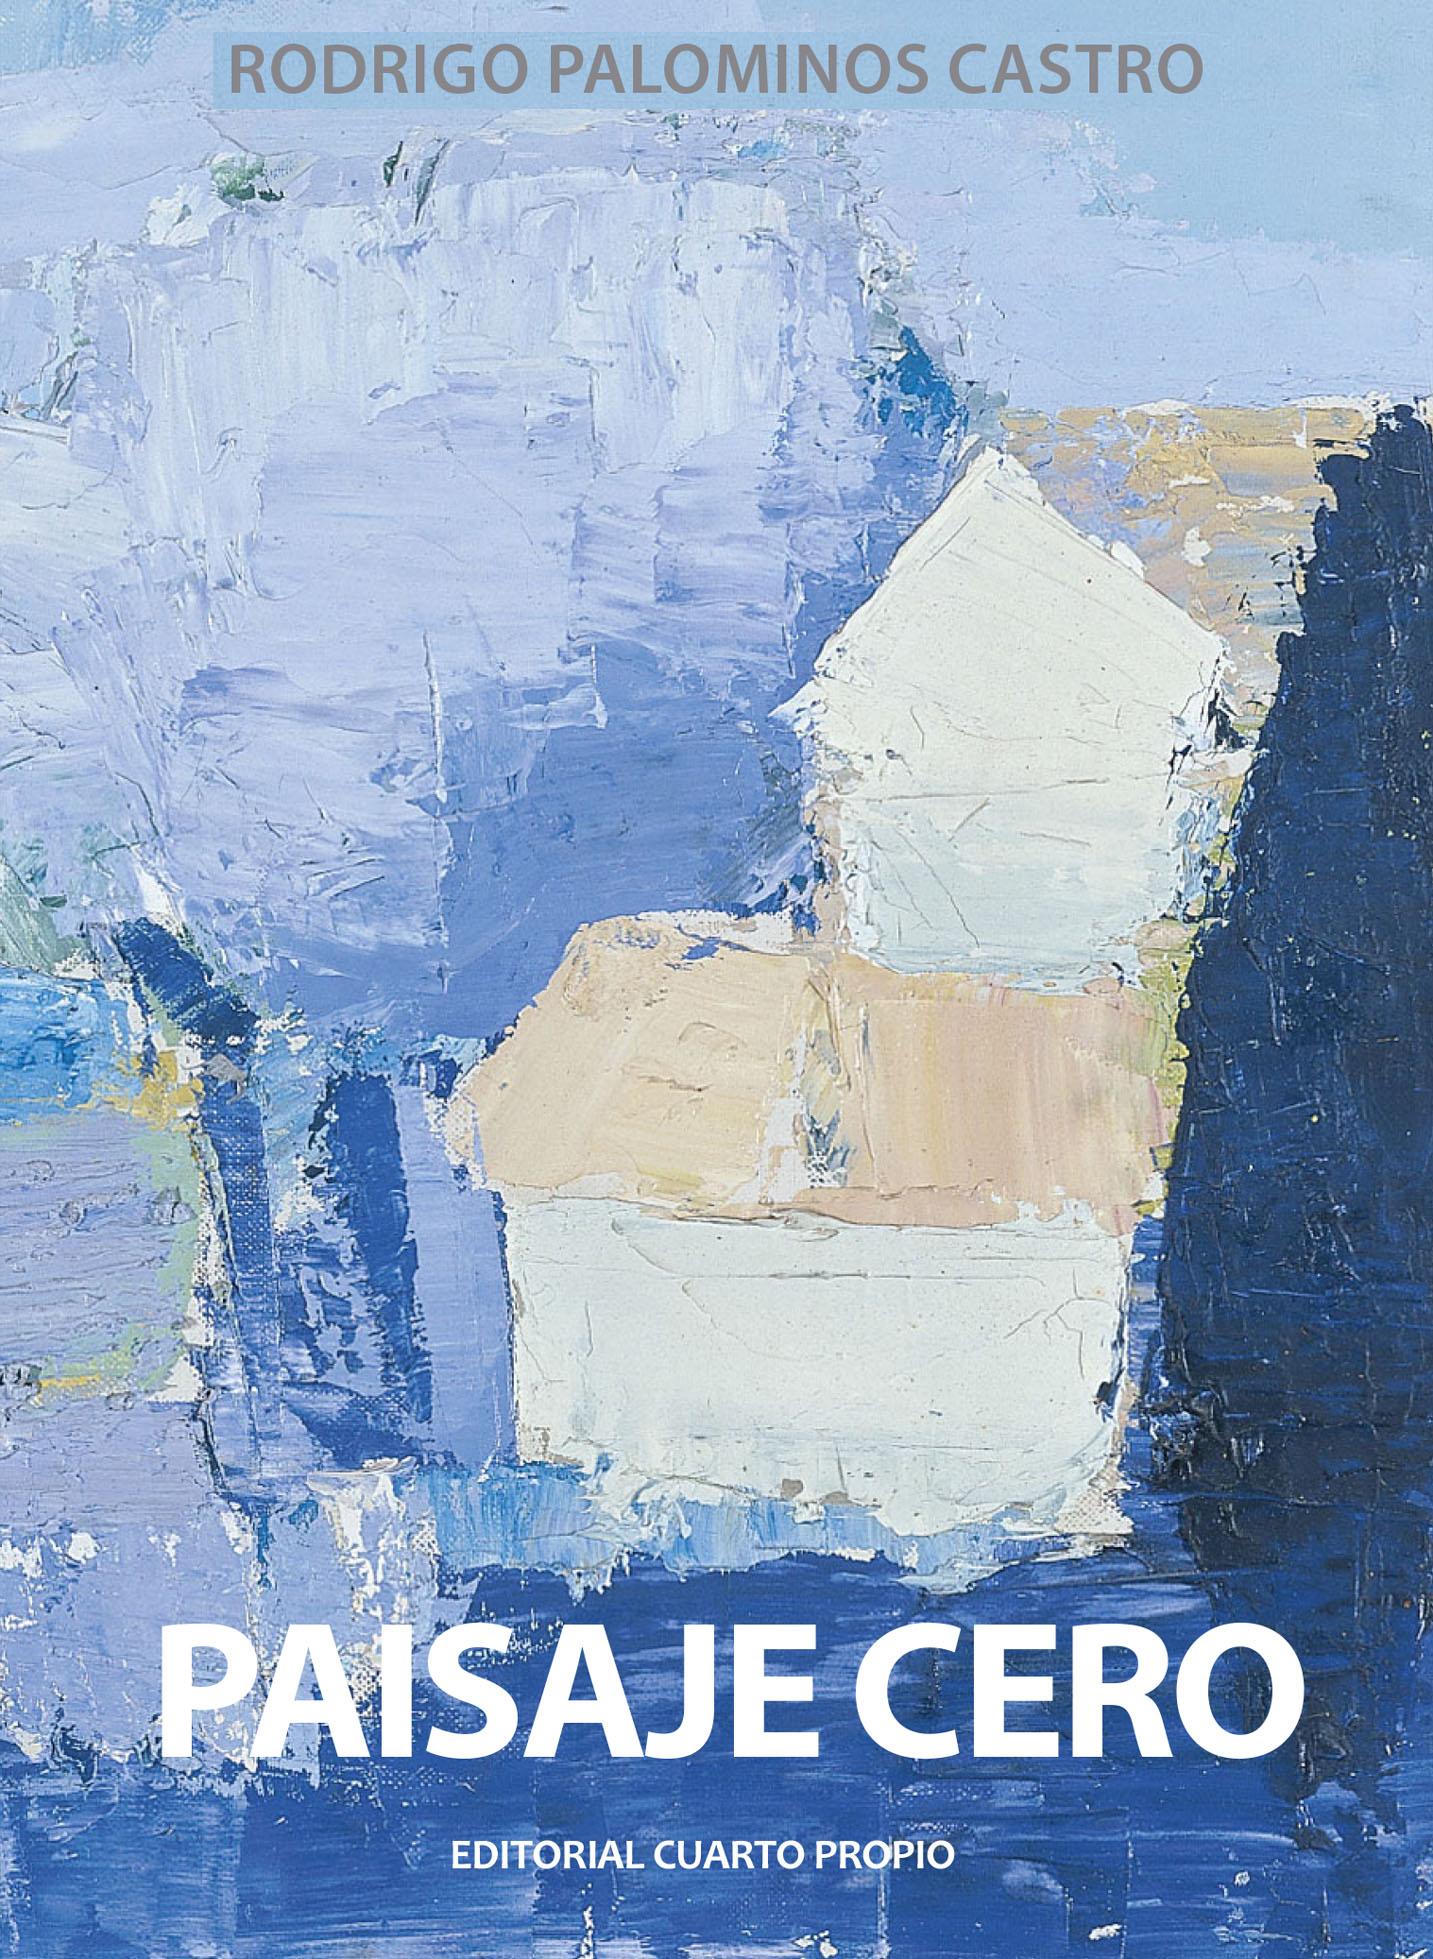 Lanzamiento del libro 'Paisaje Cero' | Rodrigo Palominos Castro